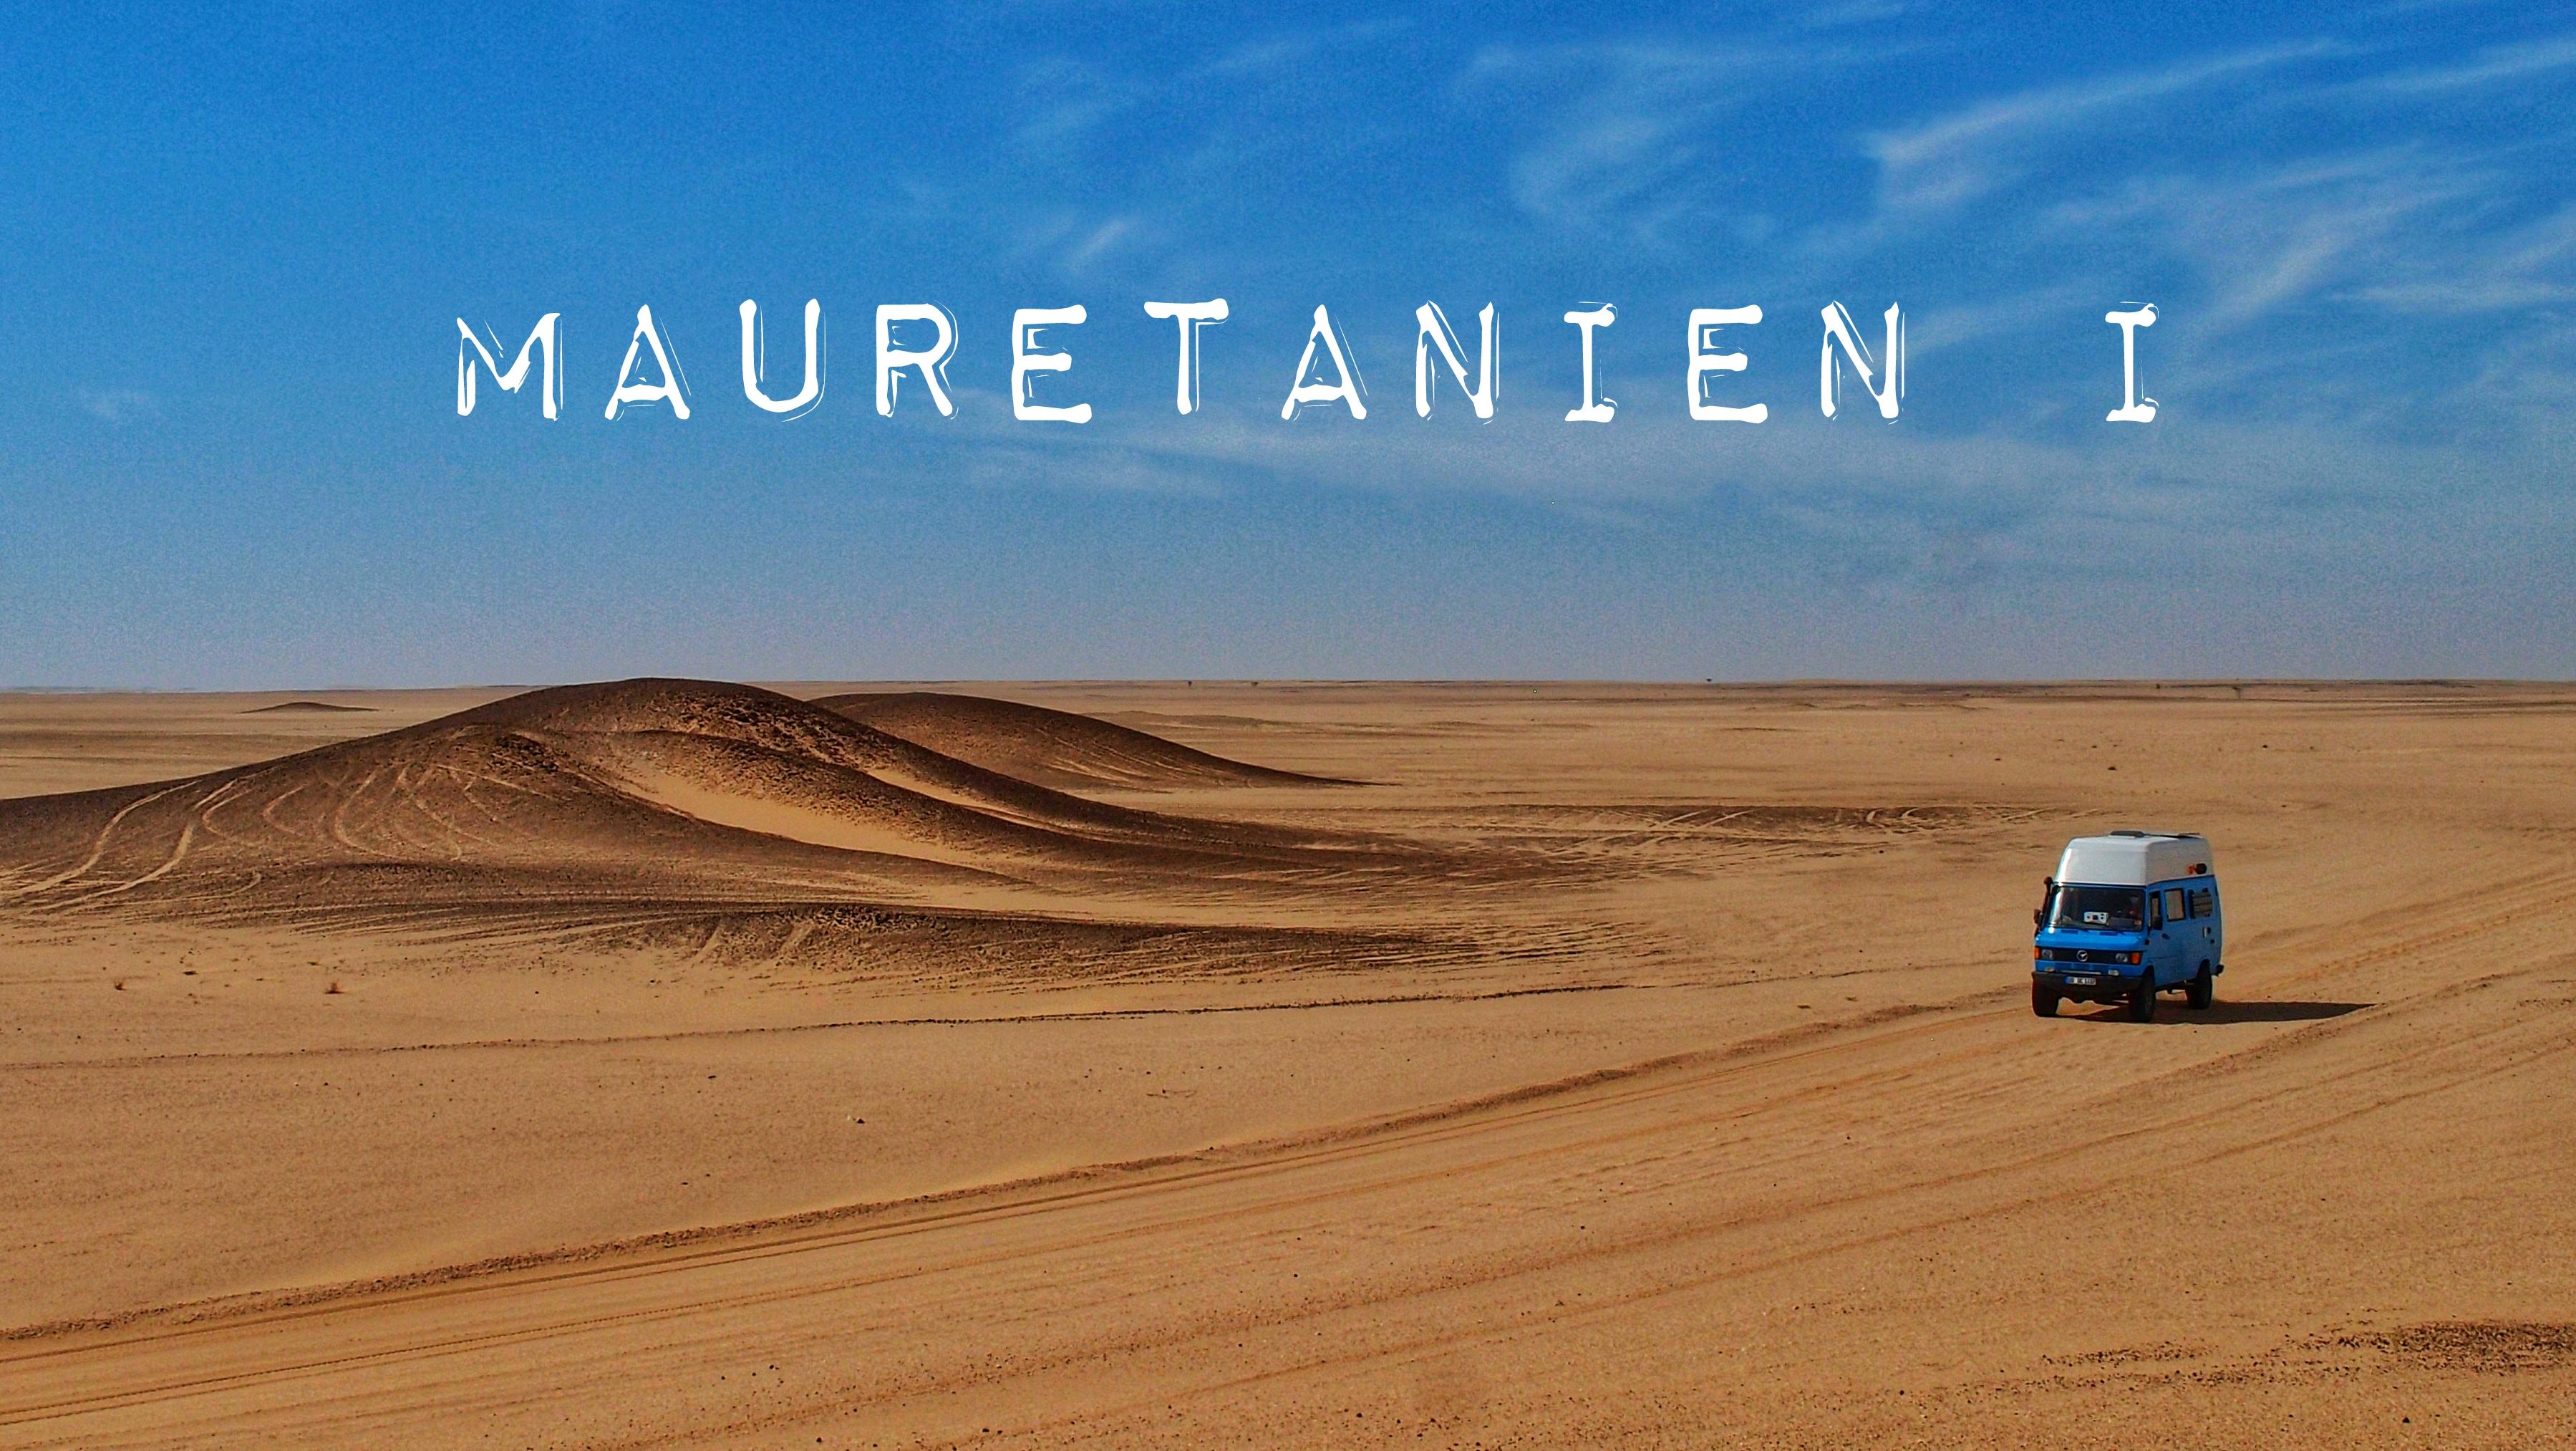 Mauretanien – Sand und Staub